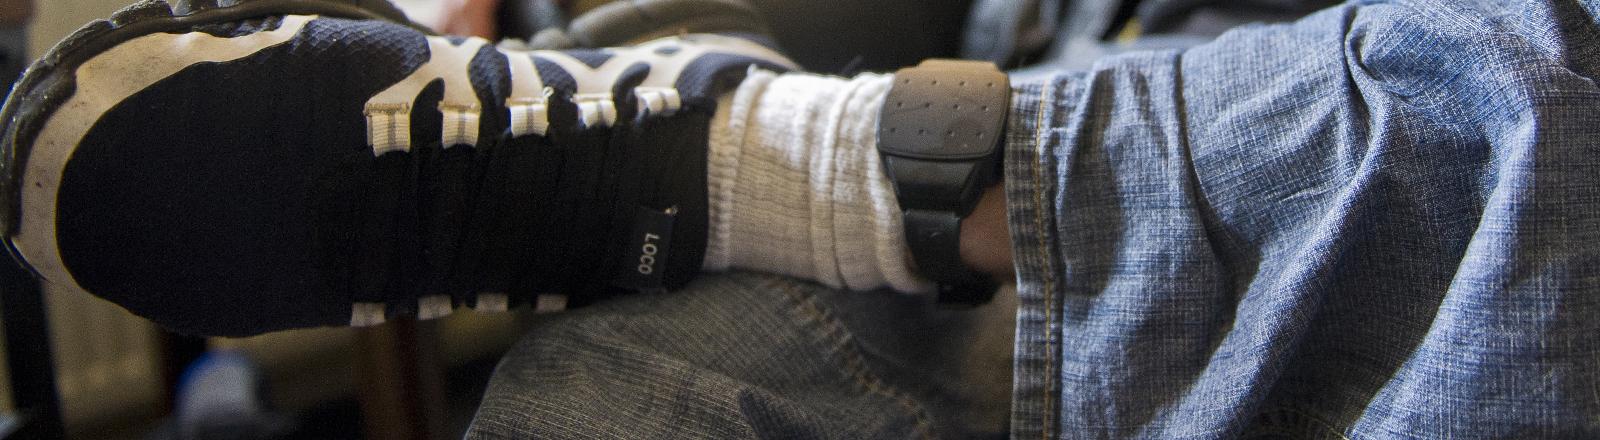 Ein Mann trägt eine elektronische Fußfessel.